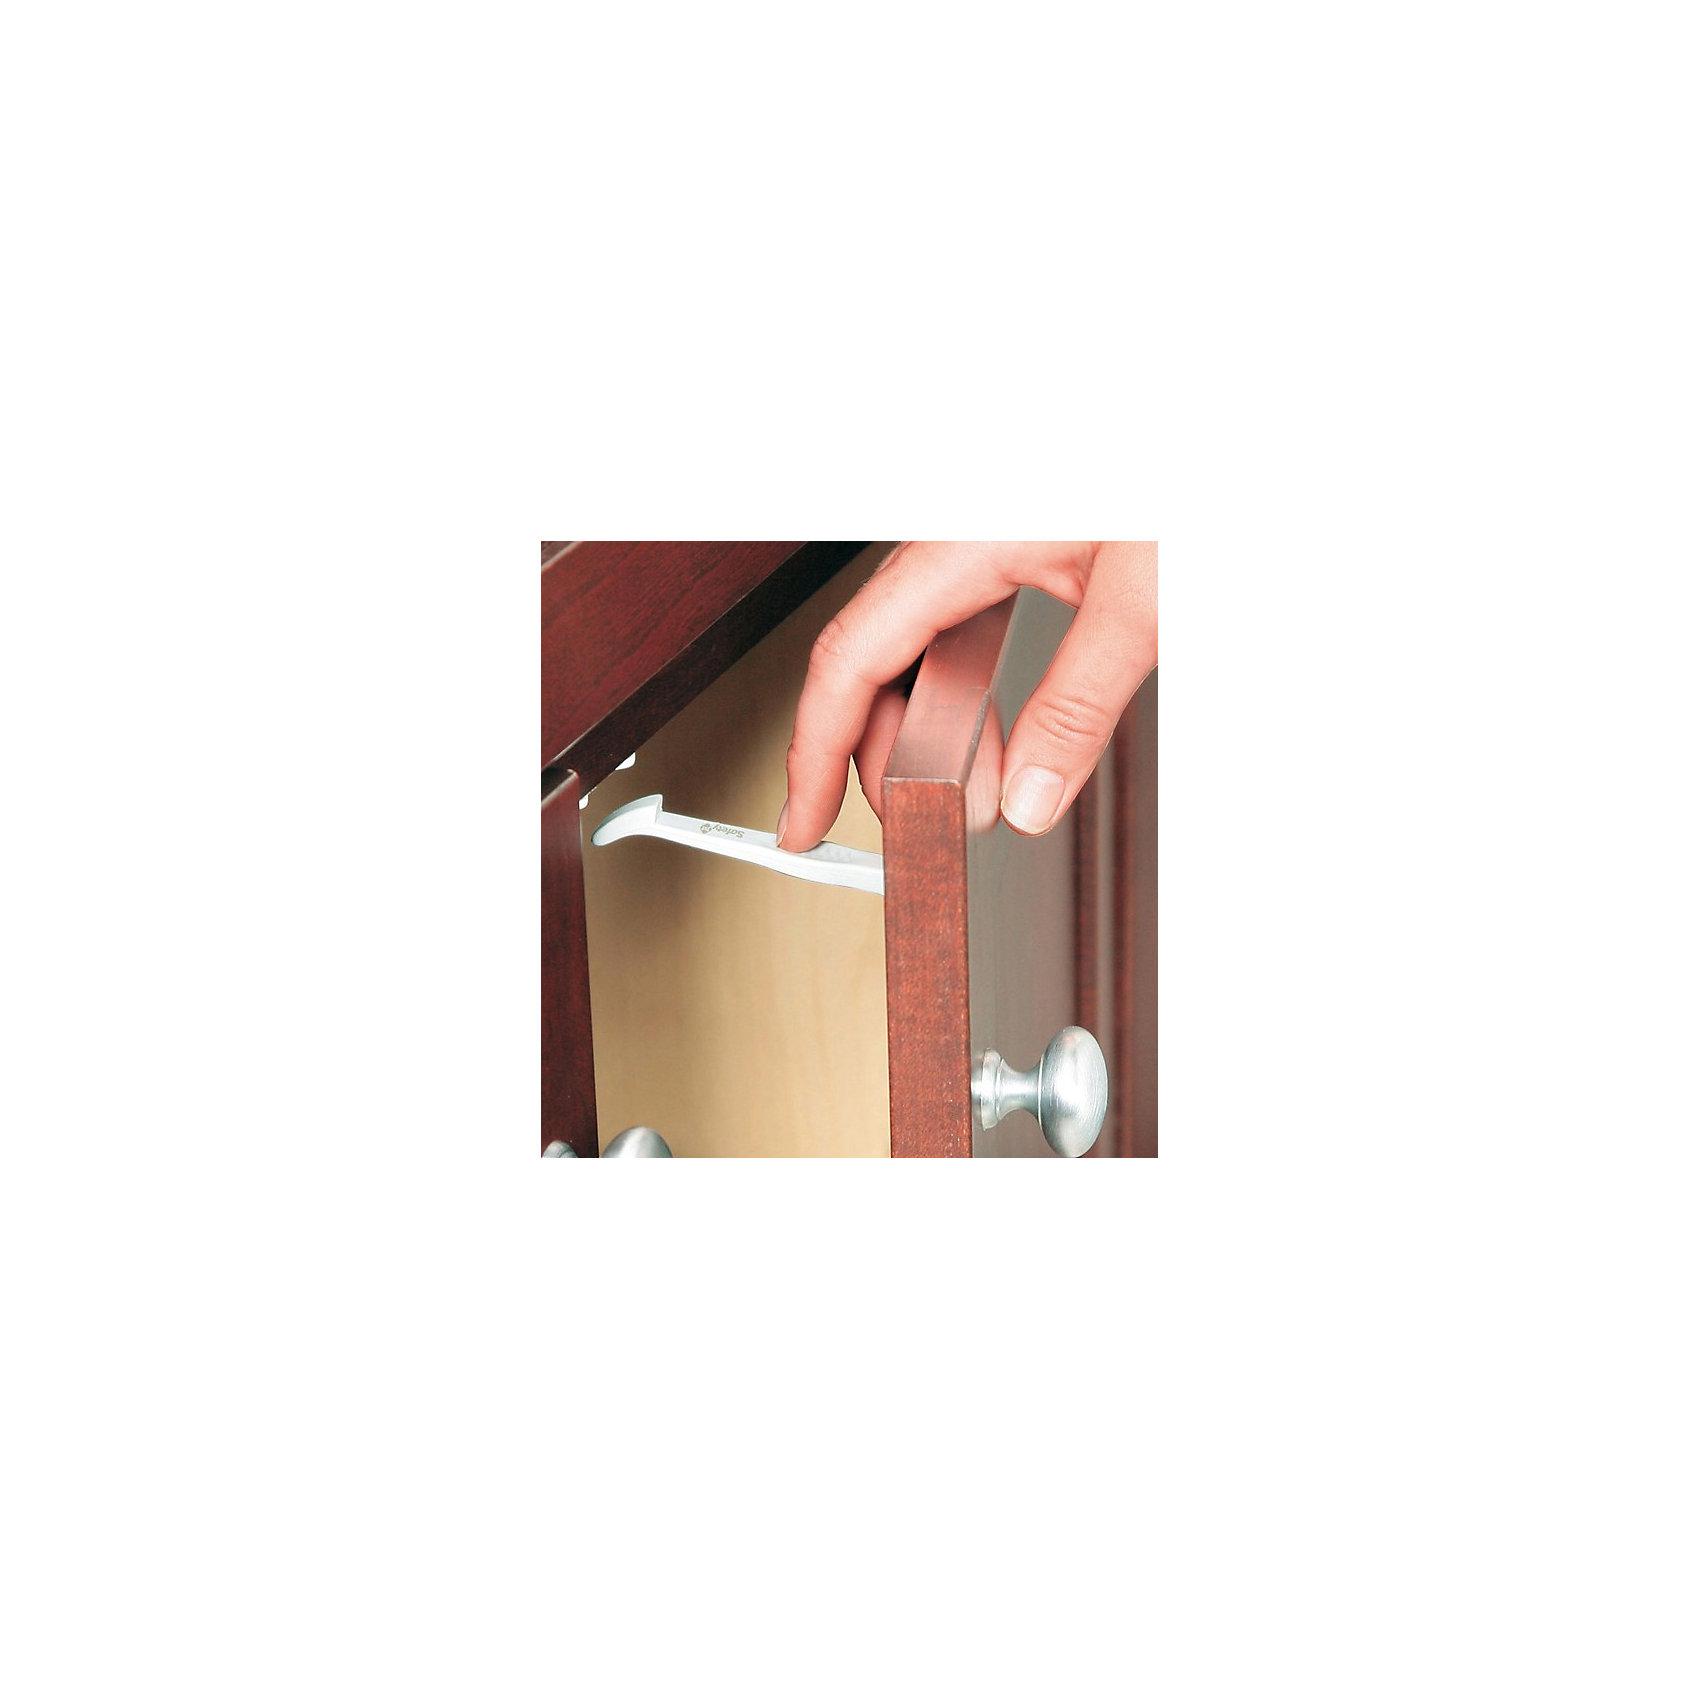 Блокировка (7шт.) для выдвижных ящиков и дверец шкафа